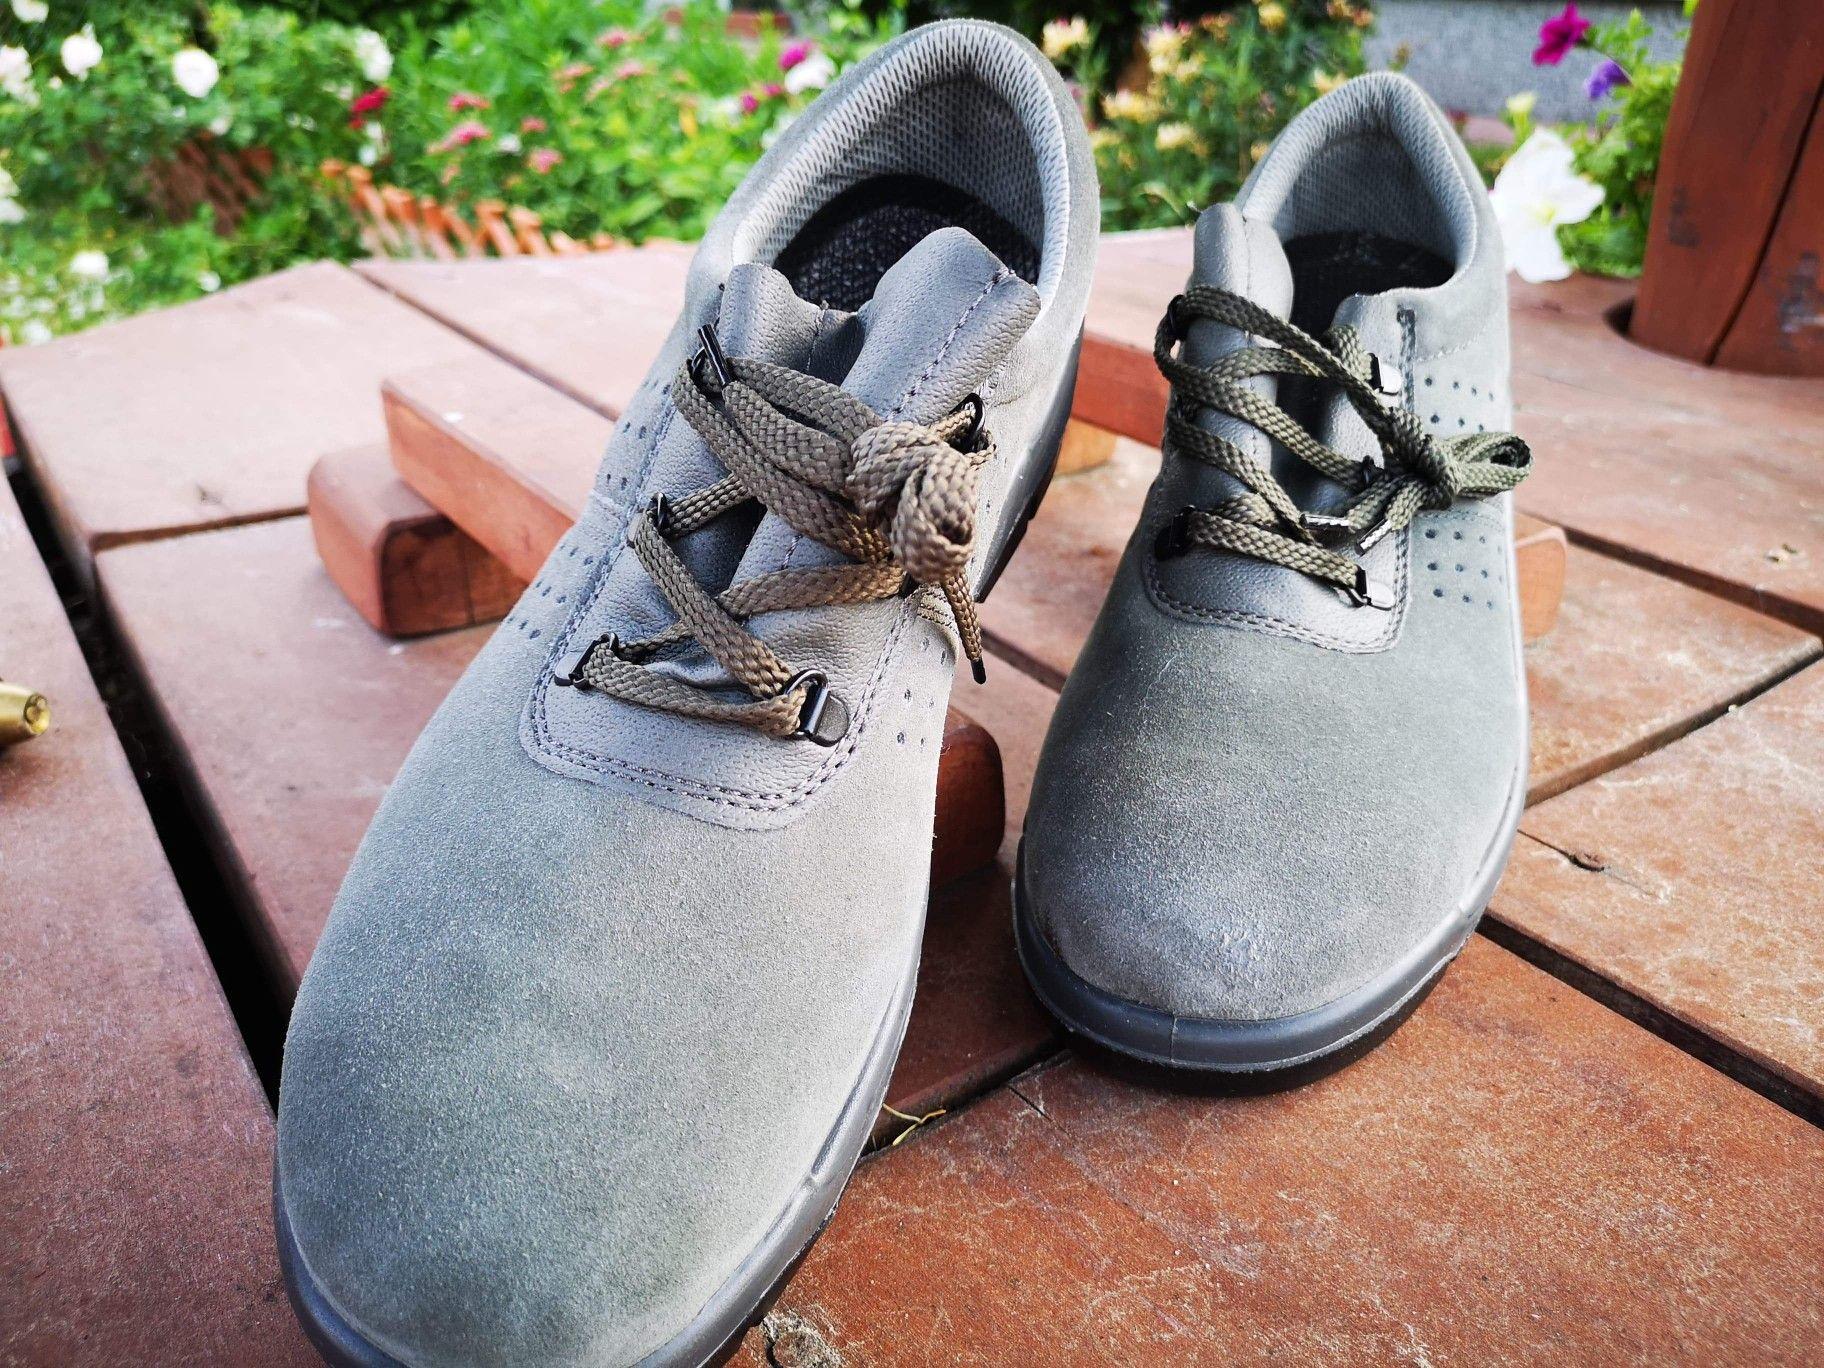 Polbuty Ochronne Brv Welurowe S1 Shoes Sneakers Fashion